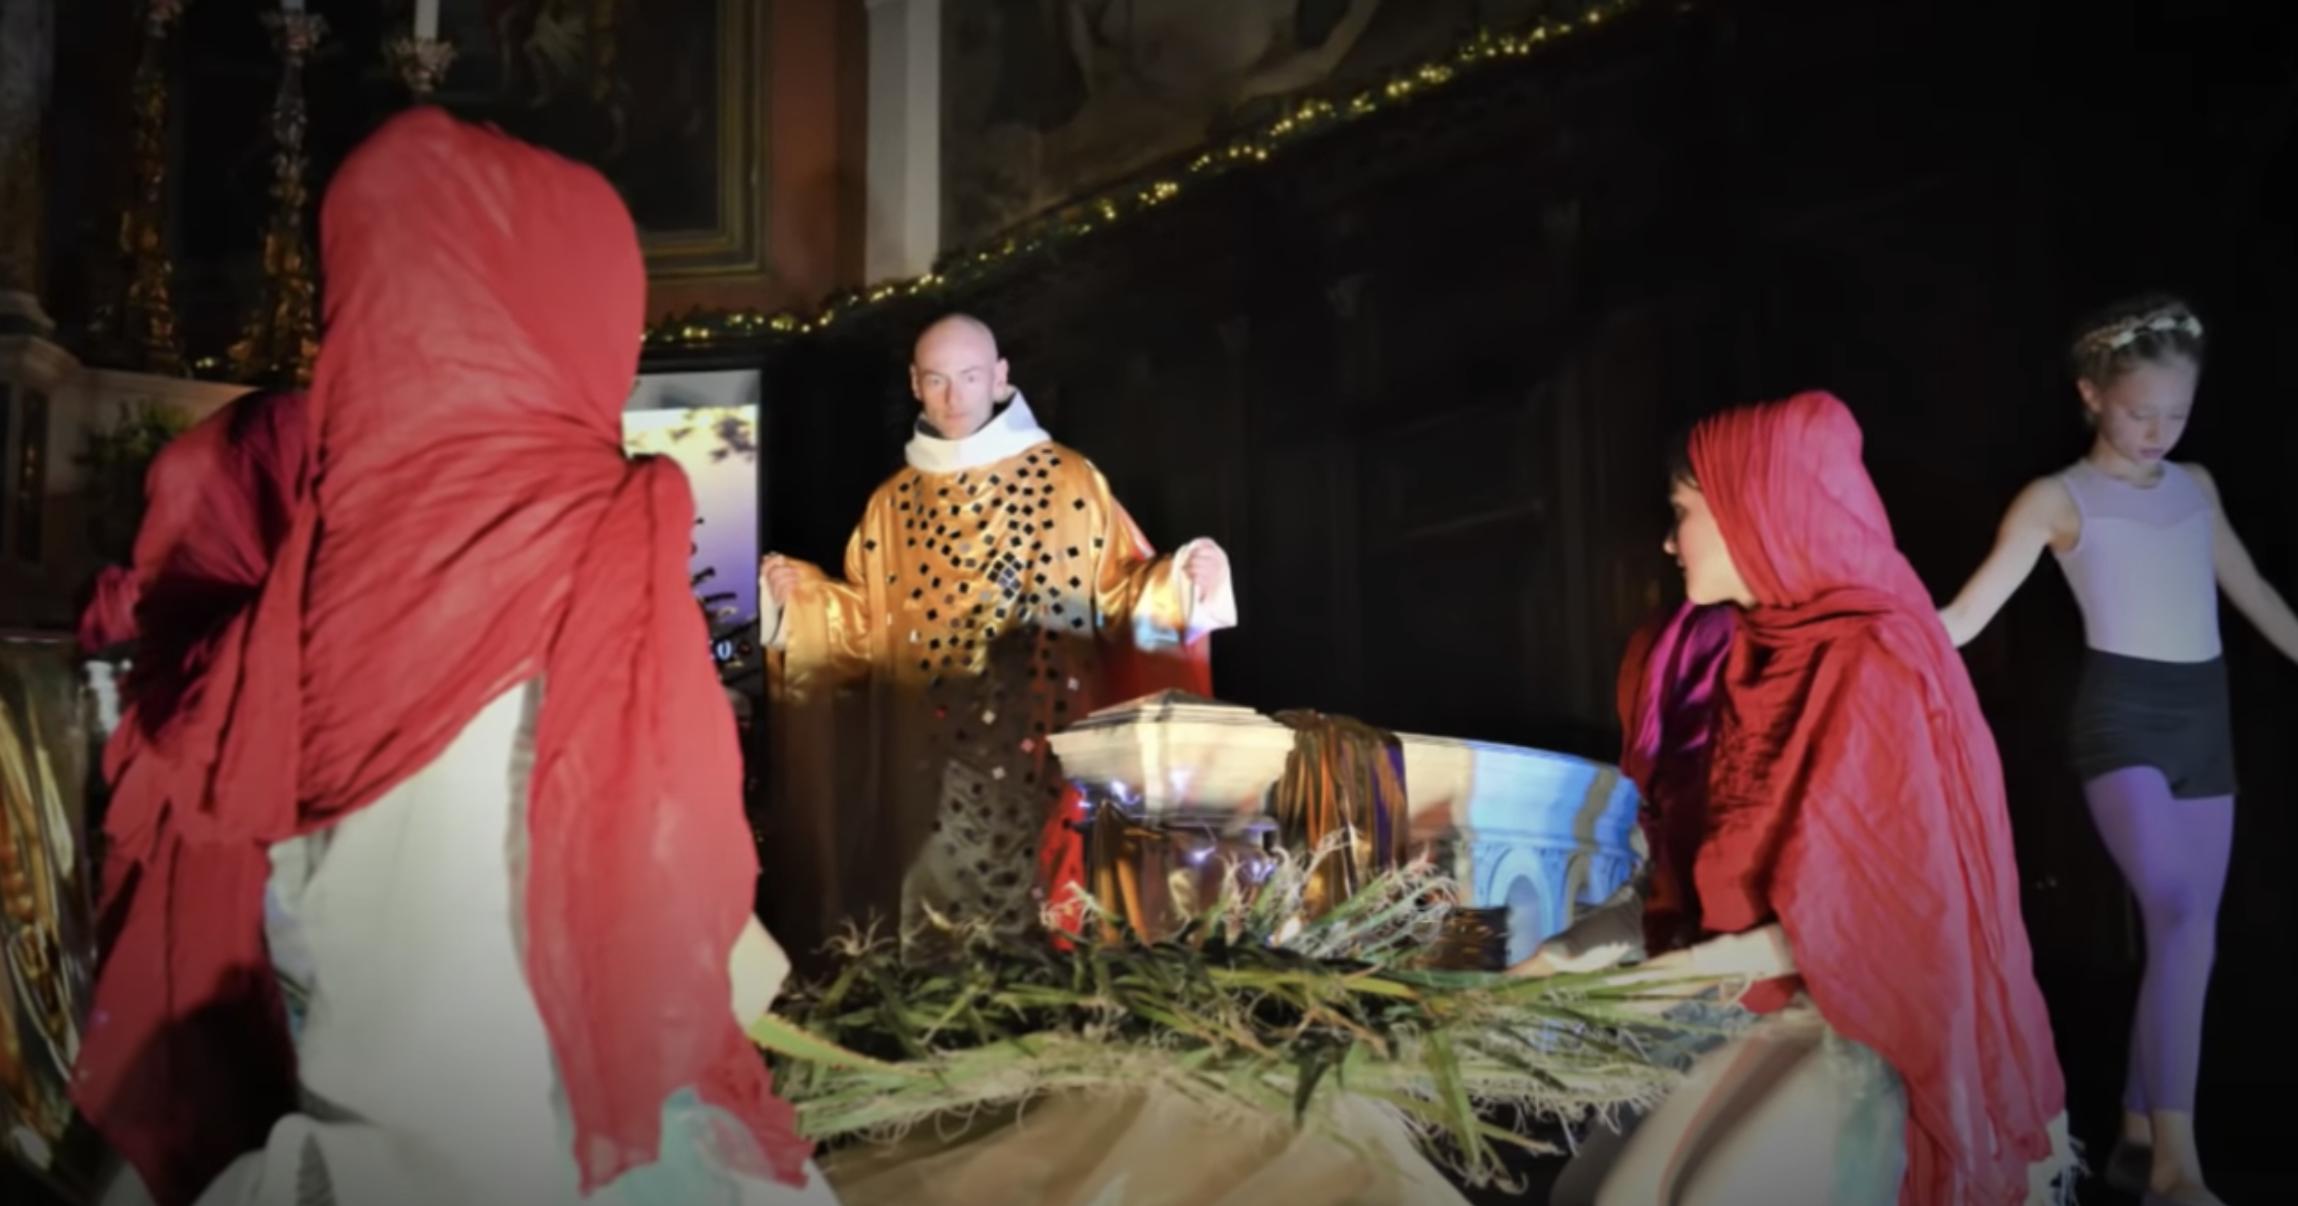 Le ciel descend sur la terre de Solliès-Pont : un Noël pas comme les autres